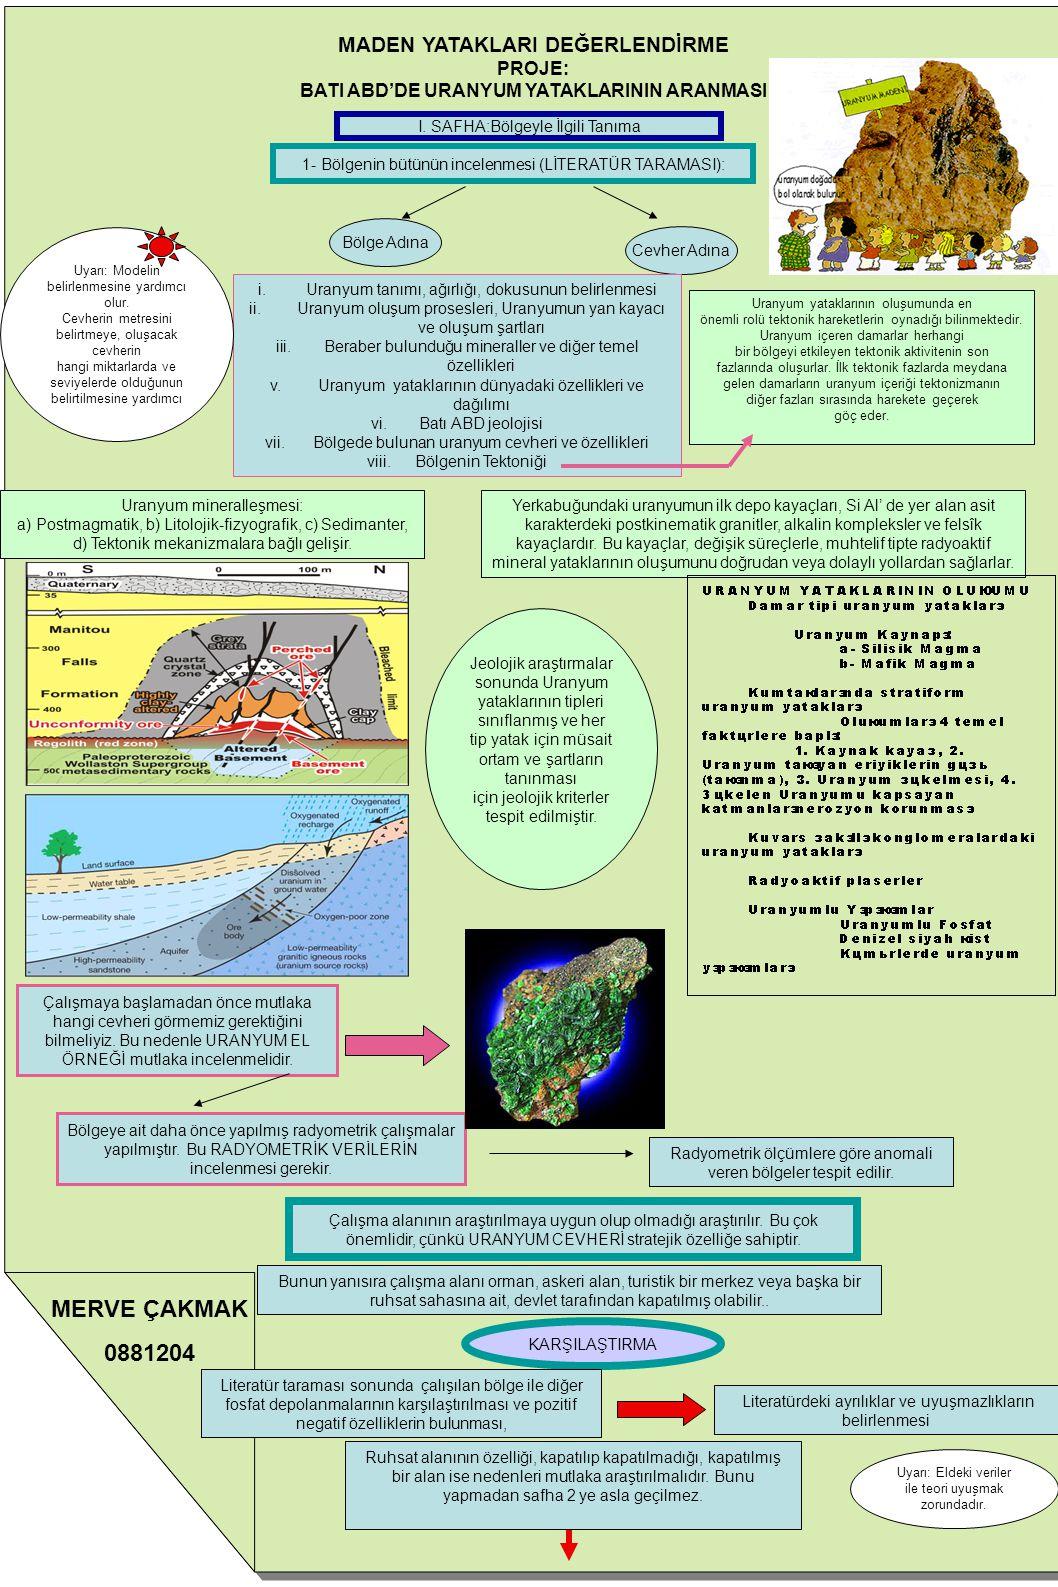 MADEN YATAKLARI DEĞERLENDİRME PROJE: BATI ABD'DE URANYUM YATAKLARININ ARANMASI I.